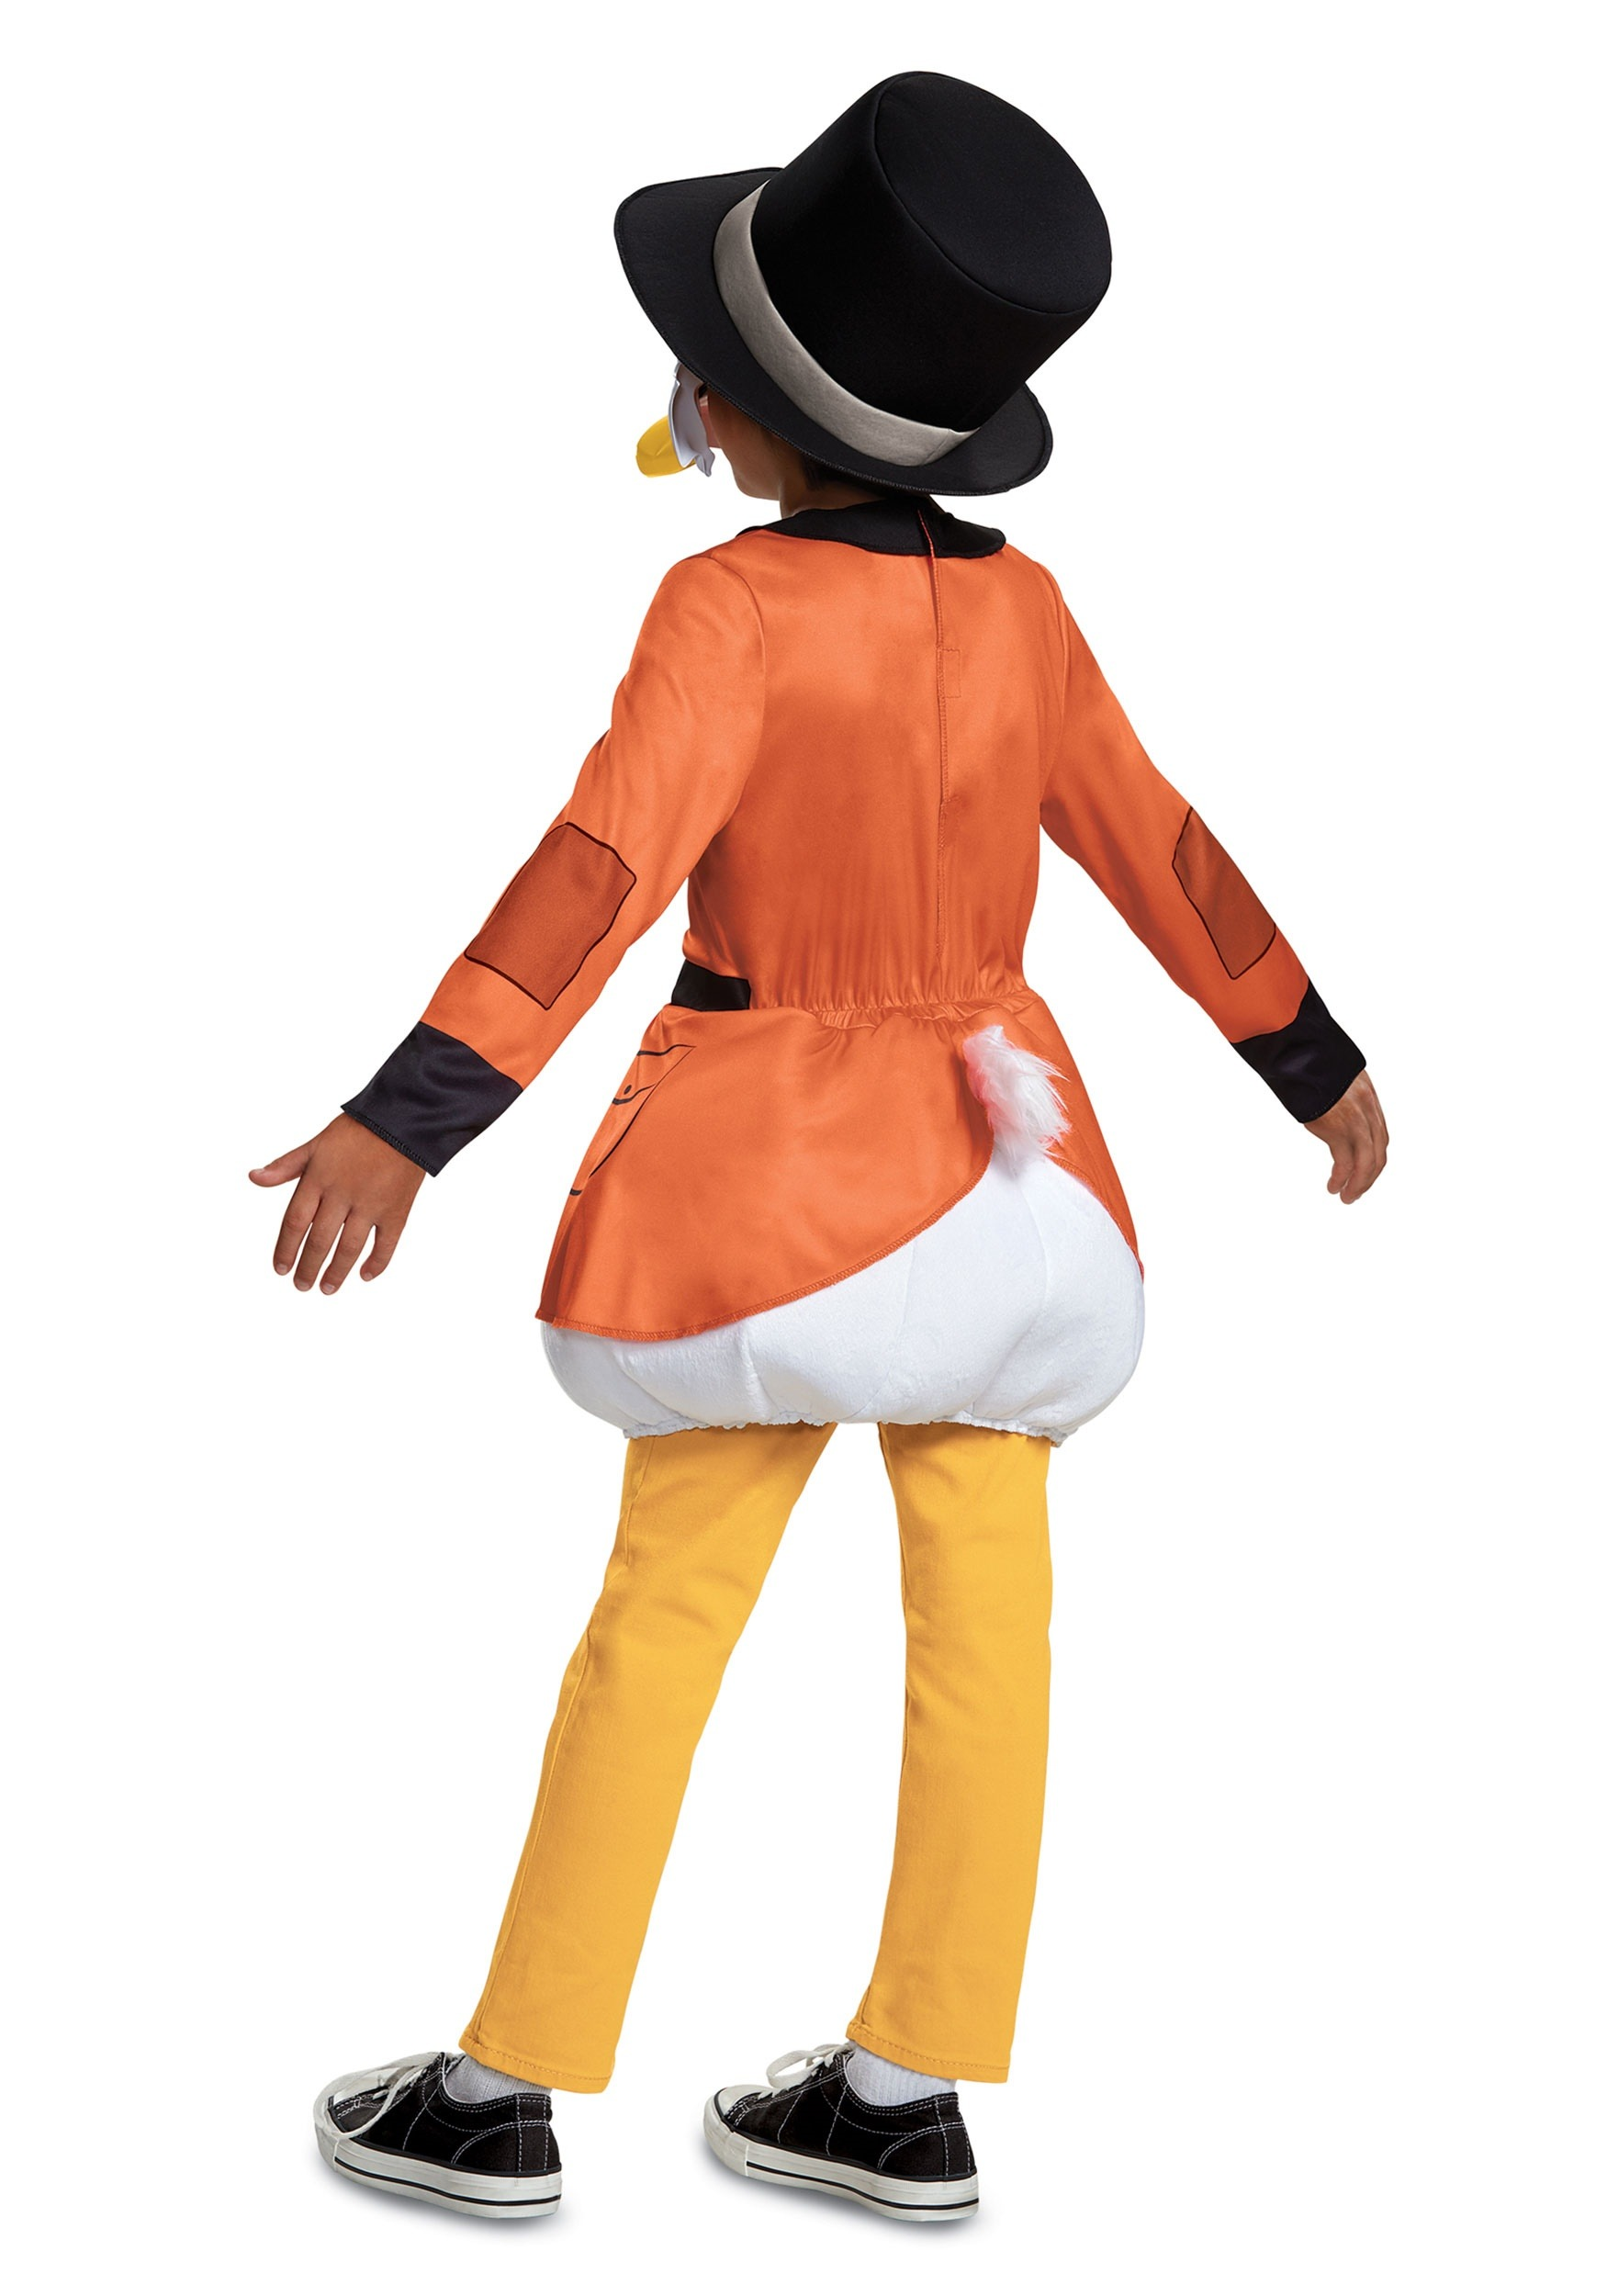 Ducktales Scrooge McDuck Sunstaches